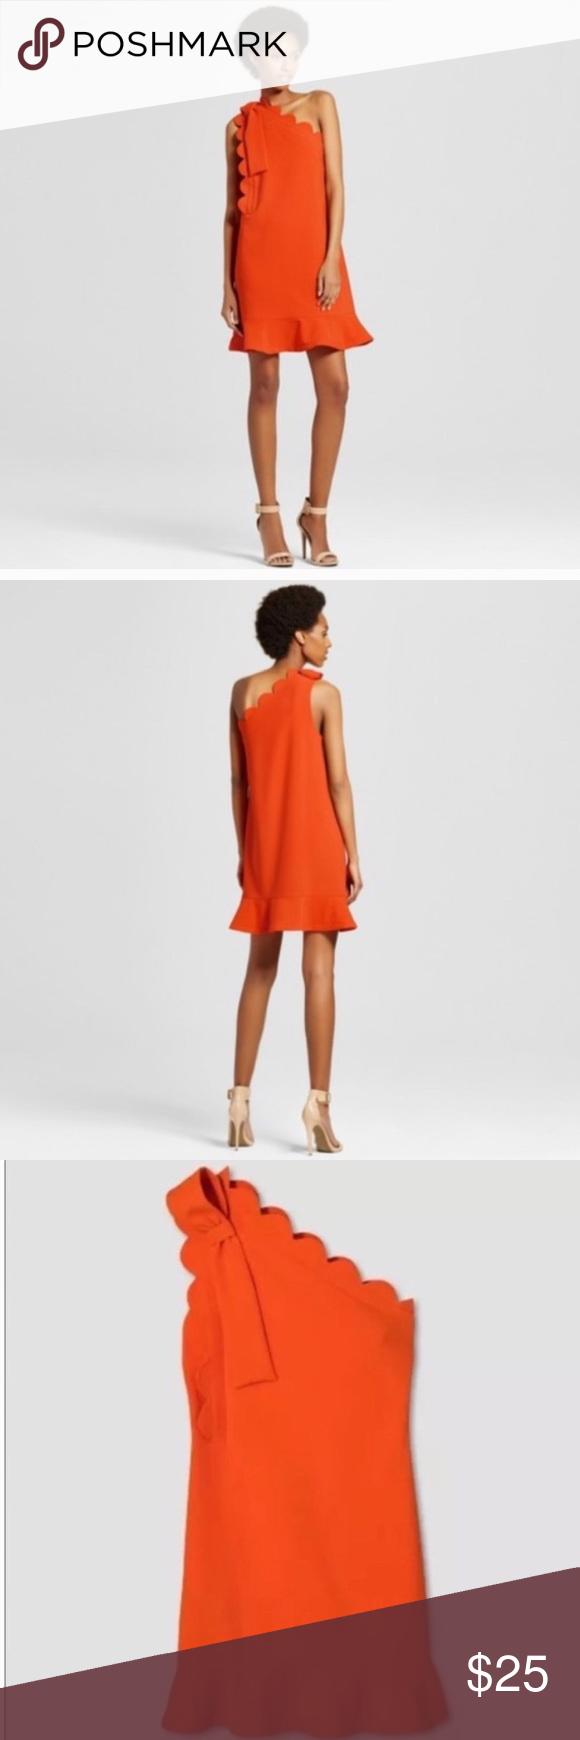 Nwt Victoria Beckham Dress Orange Victoria Beckham Target Target Dresses Womens Orange Dress [ 1740 x 580 Pixel ]